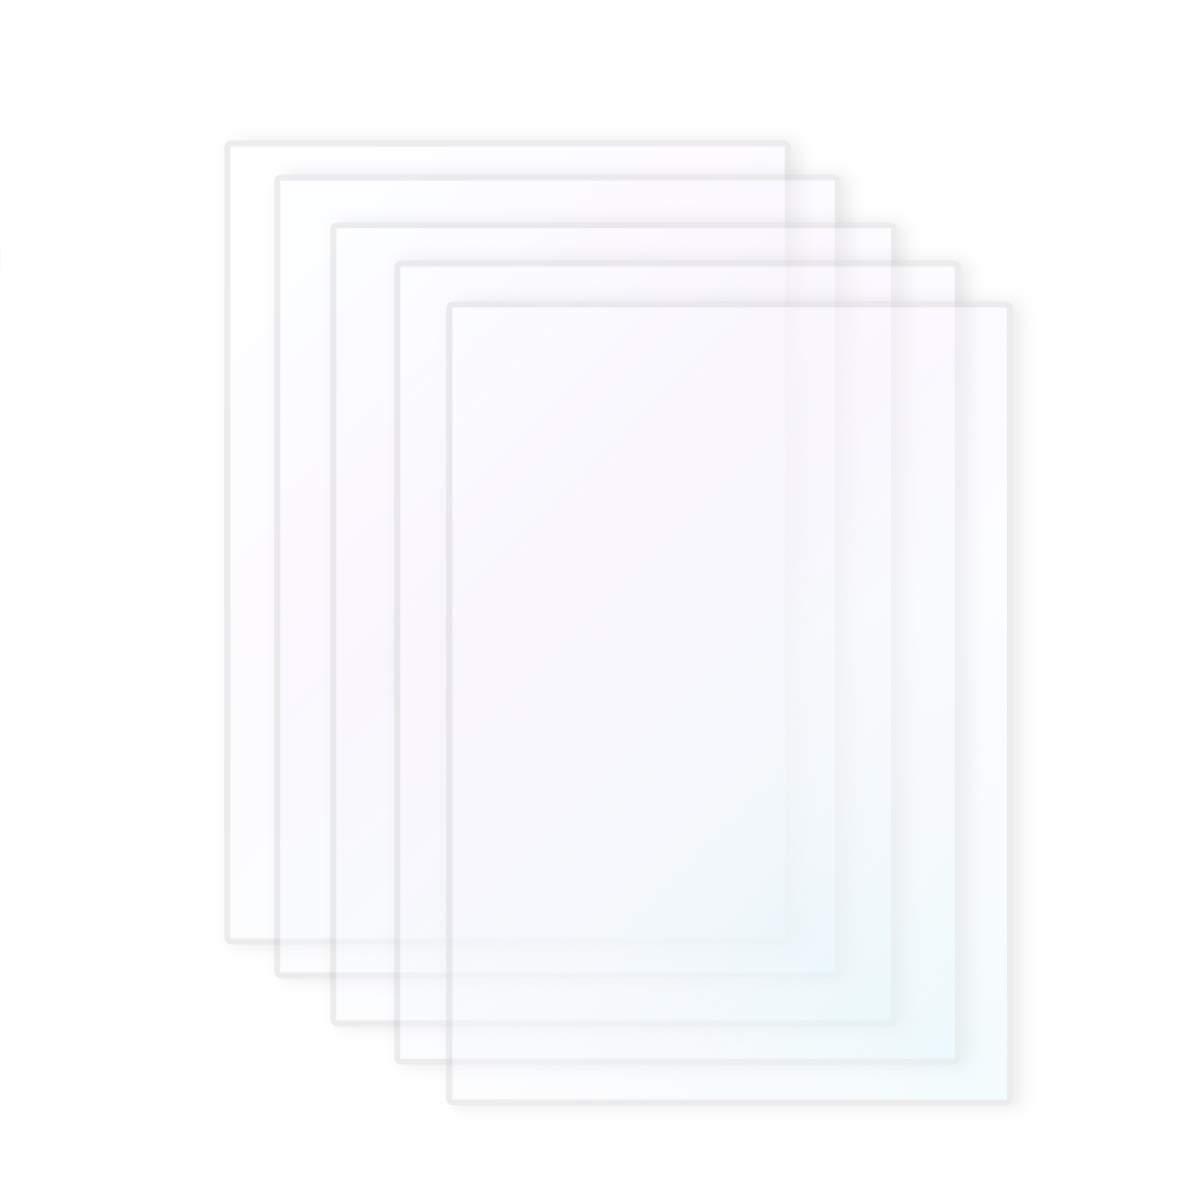 Wisamic 5pcs SLA/LCD à film–Compatible avec Photon imprimante 3d 0,15–0,2mm imprimante 3d filaments, 140* 200mm 15-0 2mm imprimante 3d filaments 140* 200mm